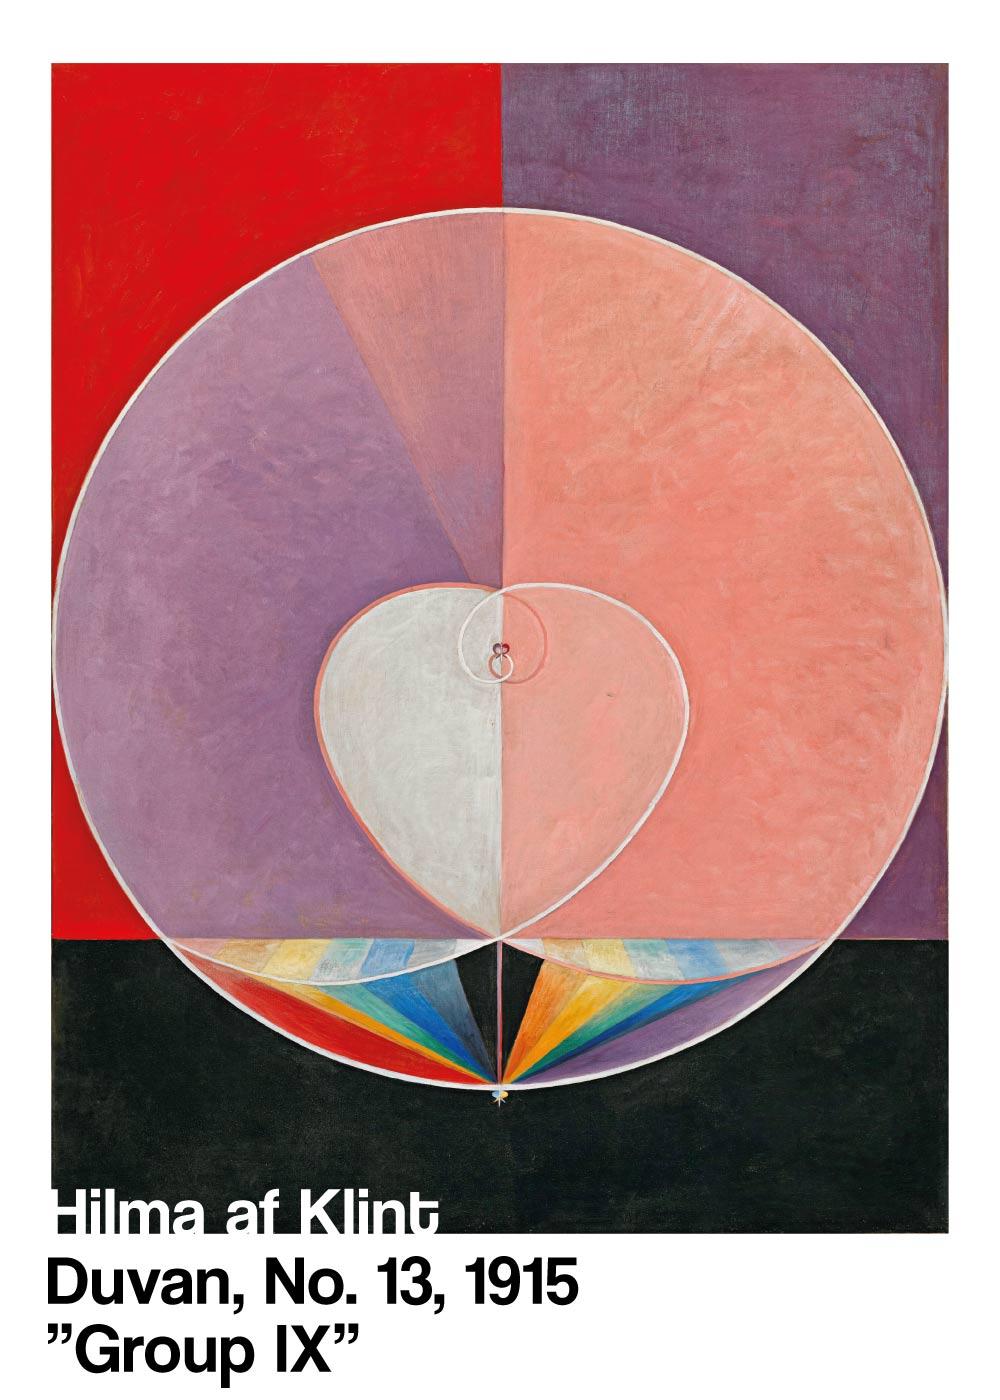 Billede af Duvan No. 13 - Hilma af Klint kunstplakat